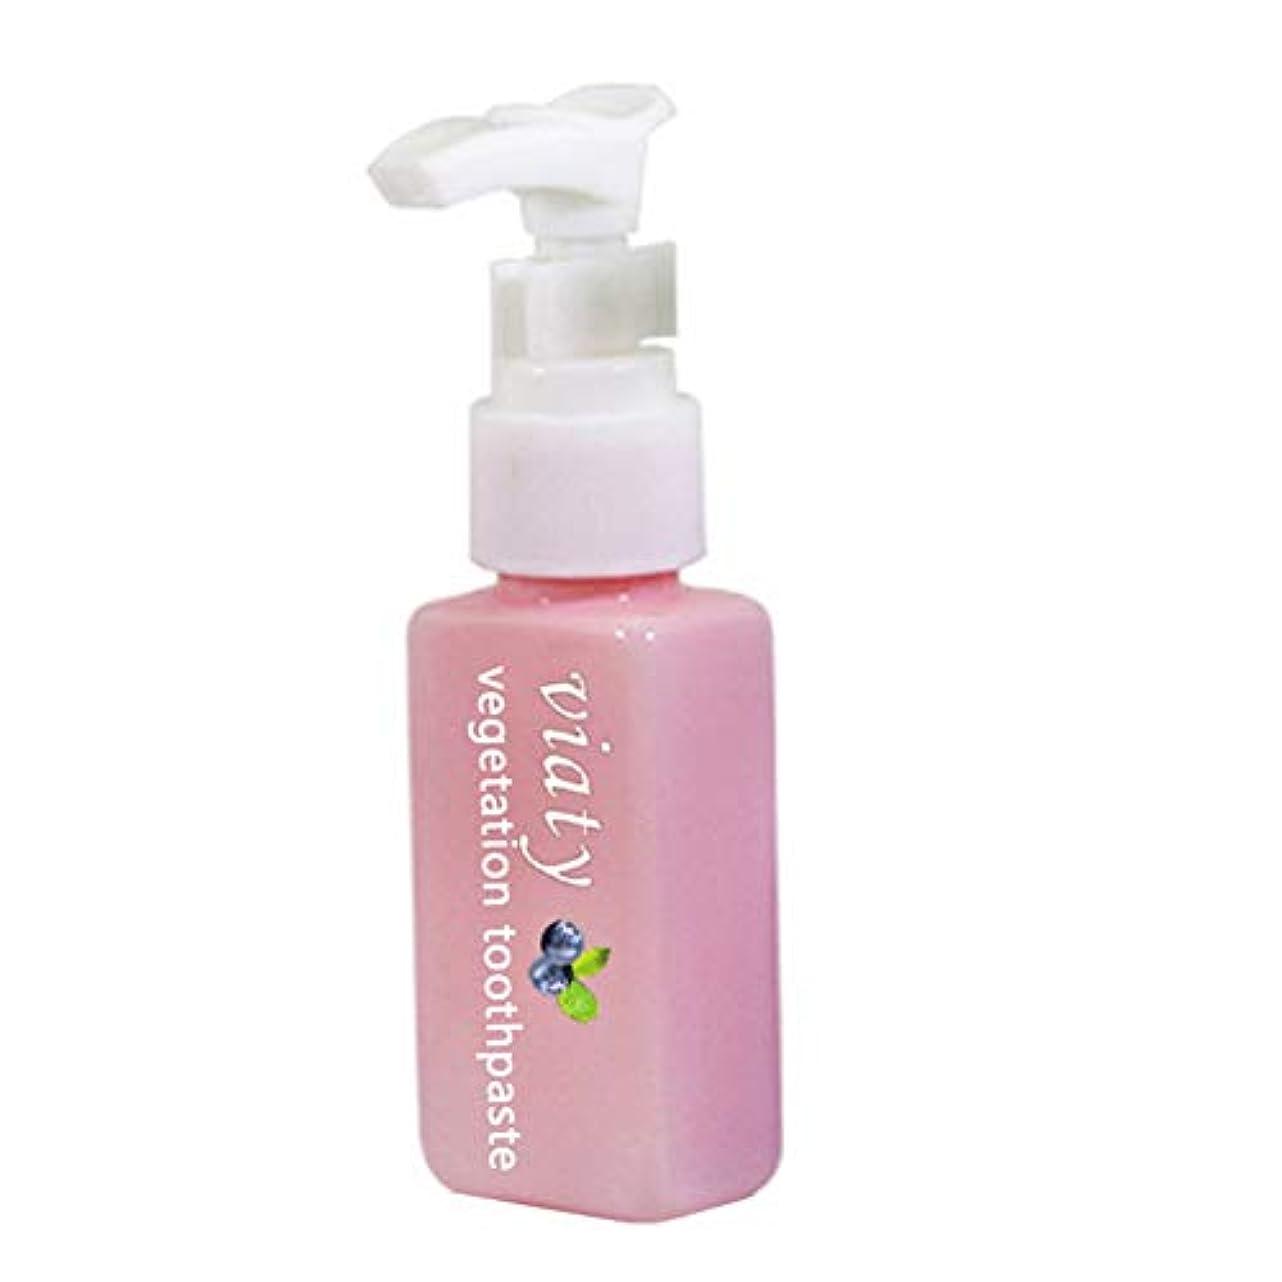 補助ページナインへJanusSaja歯磨き粉アンチブリードガムプレスタイプ新鮮な歯磨き粉を白くする汚れ除去剤